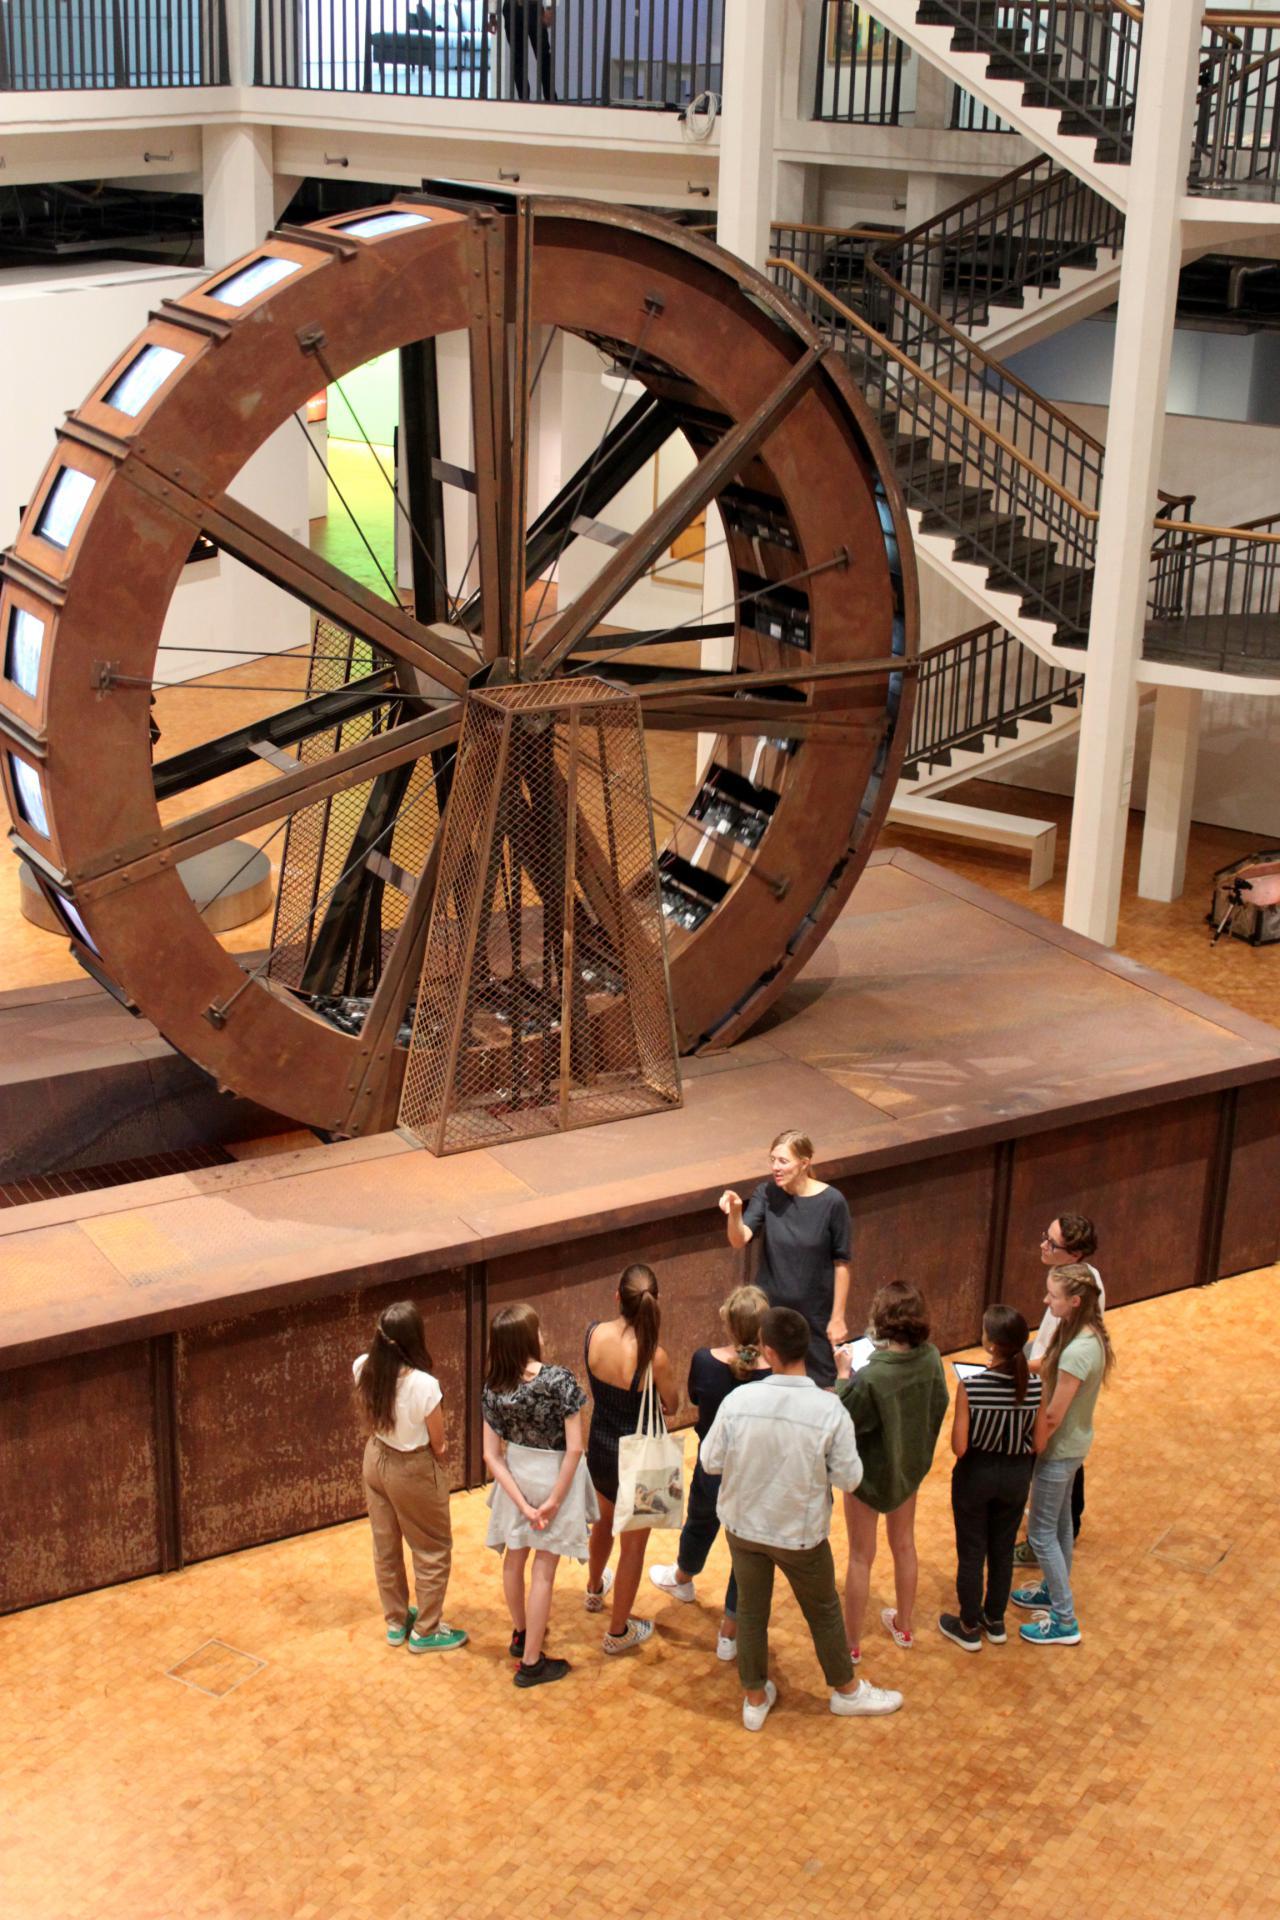 Eine Gruppe von Schülern in der Ausstellung »Writing the History of the Future« im Rahmen einer Veranstaltung der Kulturakademie.